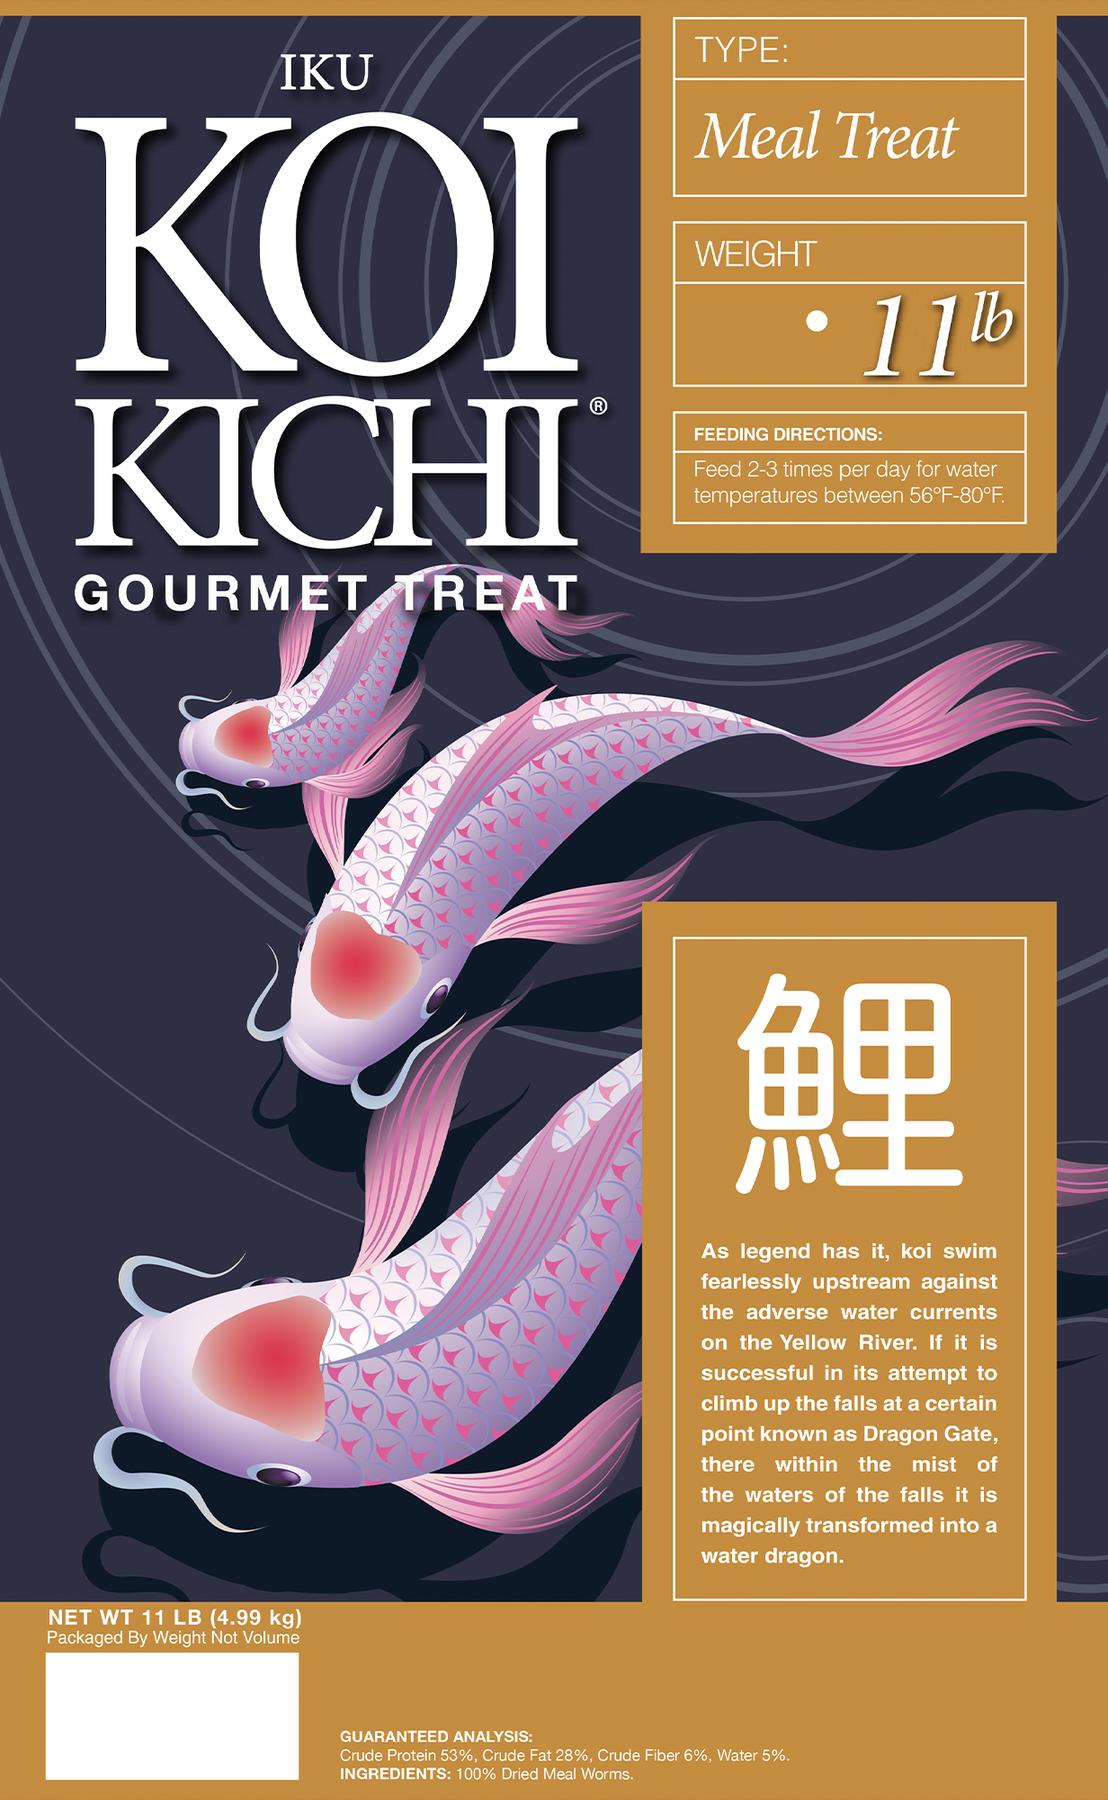 Iku Koi Kichi Gourmet Meal Treat Koi Fish Food